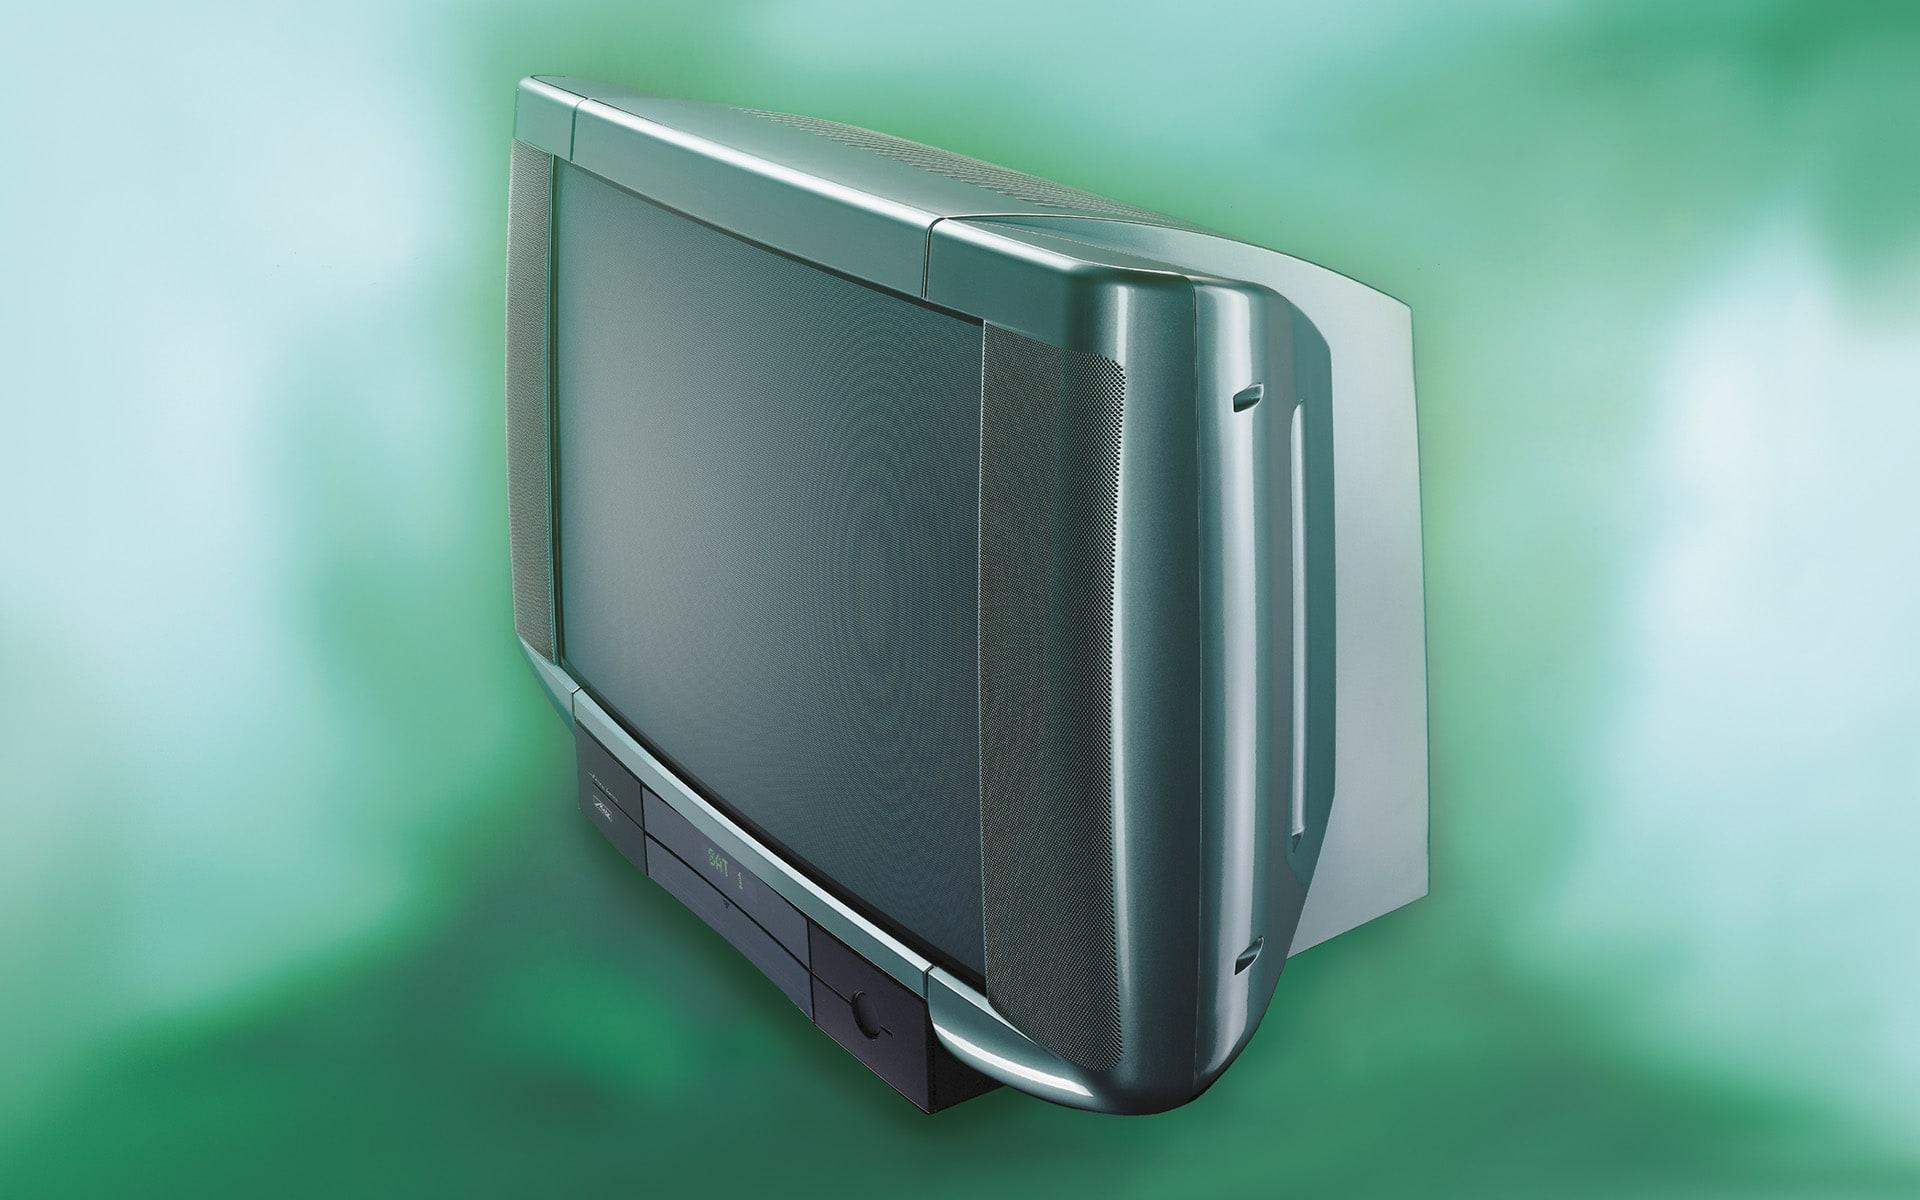 Grüngrauer Fernseher Varioline für Metz von ITO Design, 1997 entworfen